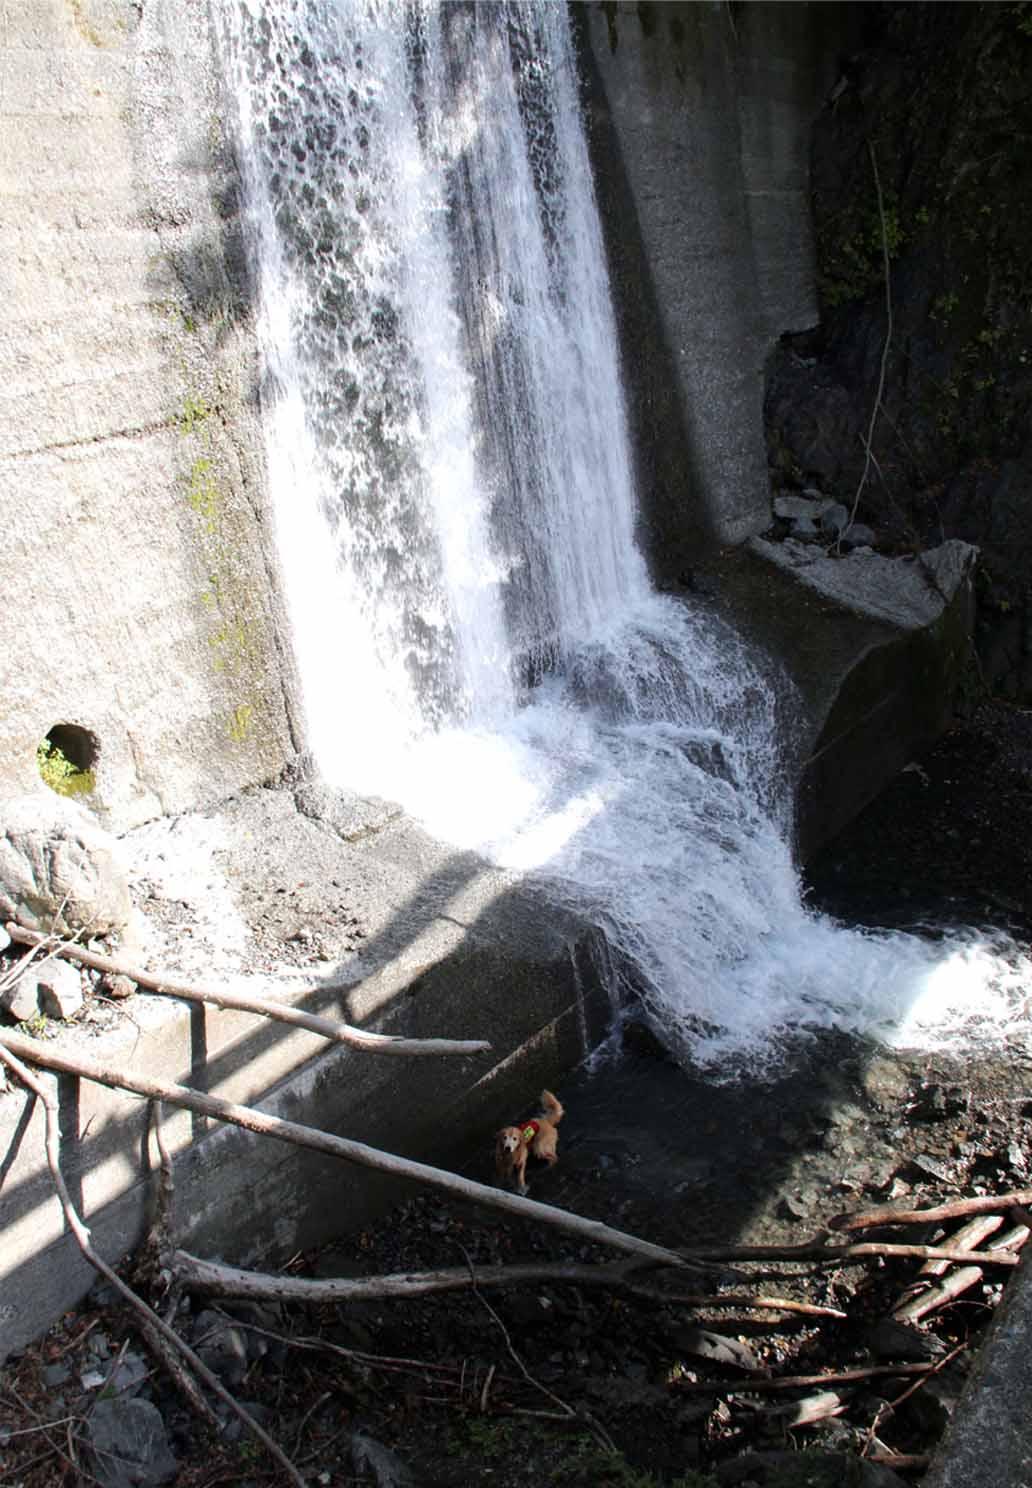 畑薙湖畔蓬沢堰堤で (4)